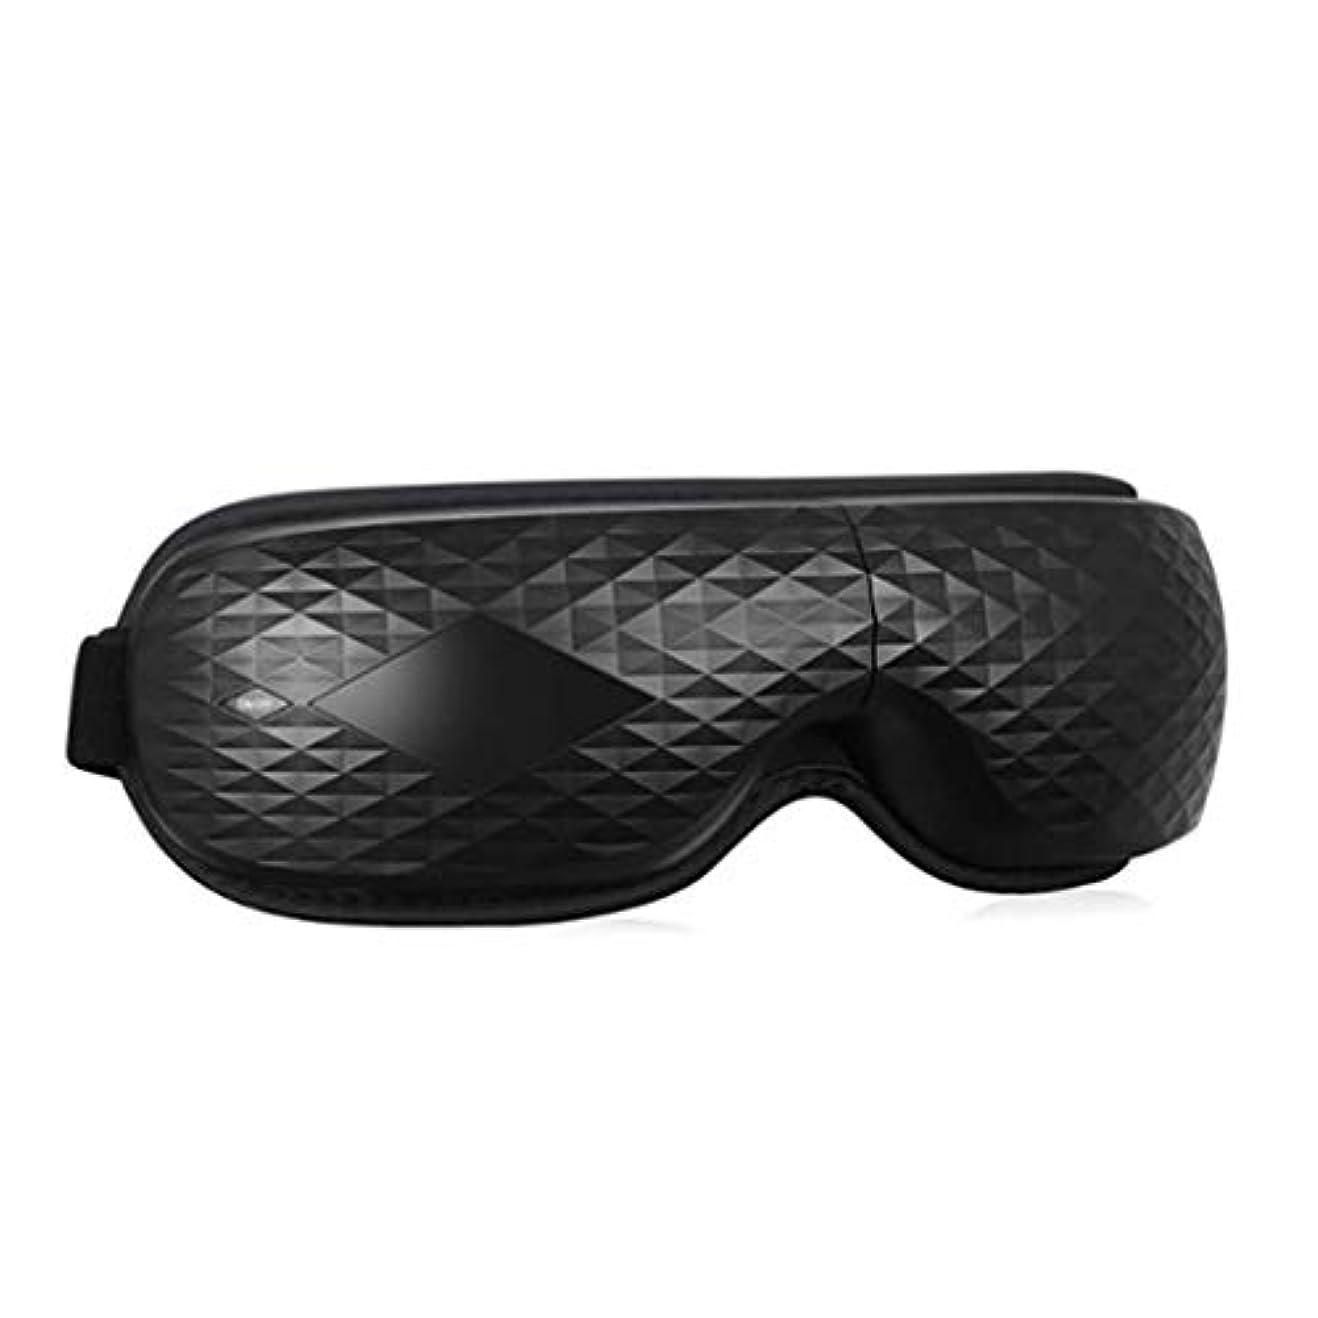 劇作家登録するタイトルアイマッサージャー、折り畳み式Bluetooth赤外線アイマッサージャー、5つのモードの加熱/振動/空気圧縮と音楽、SPA眼科治療機器、疲労と痛みの軽減、睡眠の促進 (Color : Obsidian)